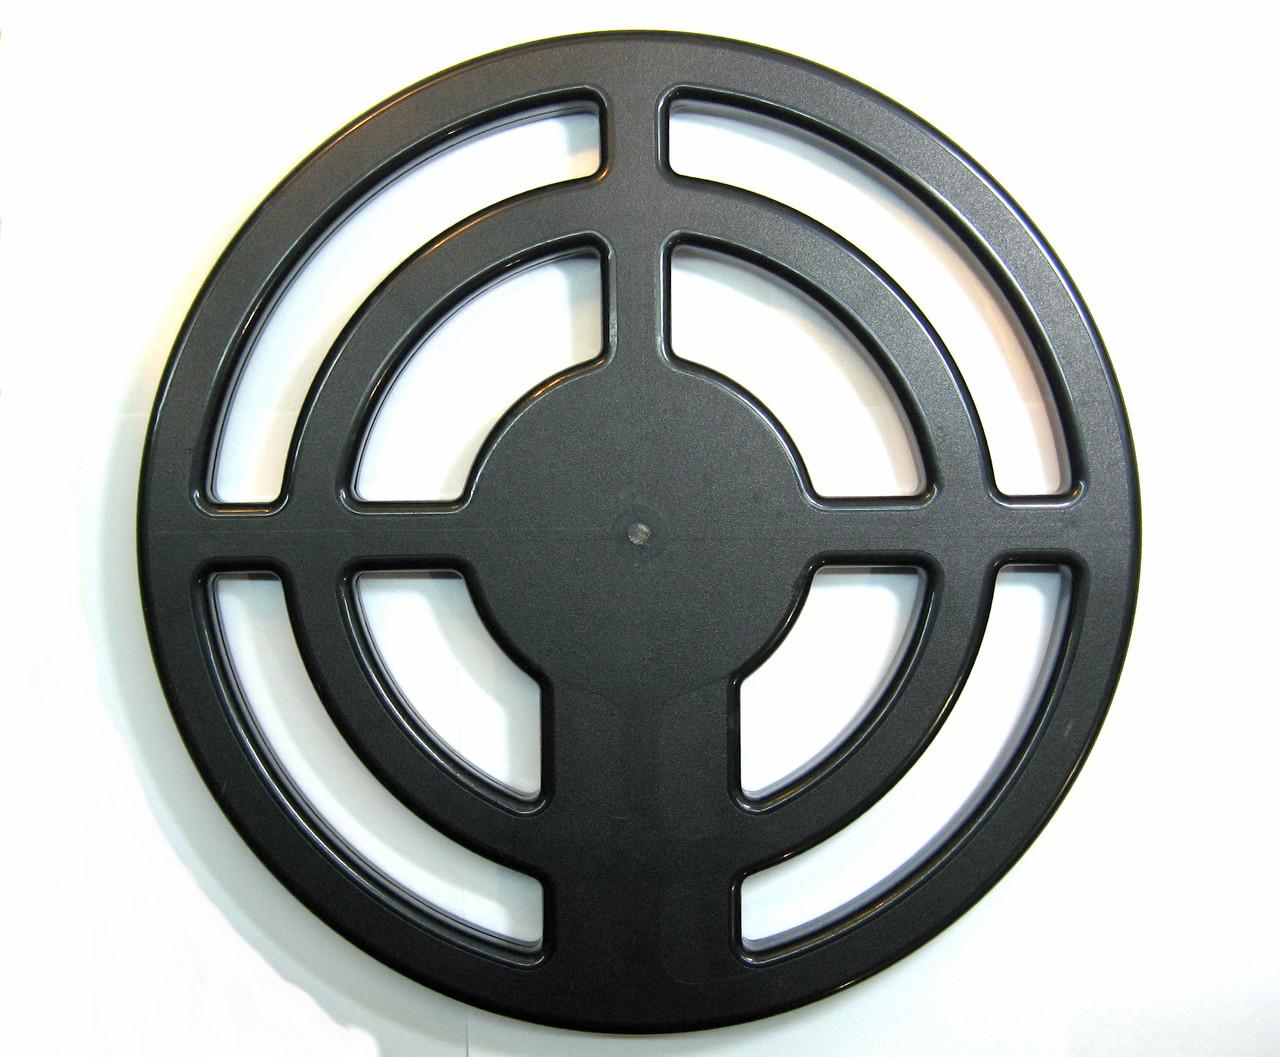 Корпус датчика катушки металлоискателя диаметром 280 мм.